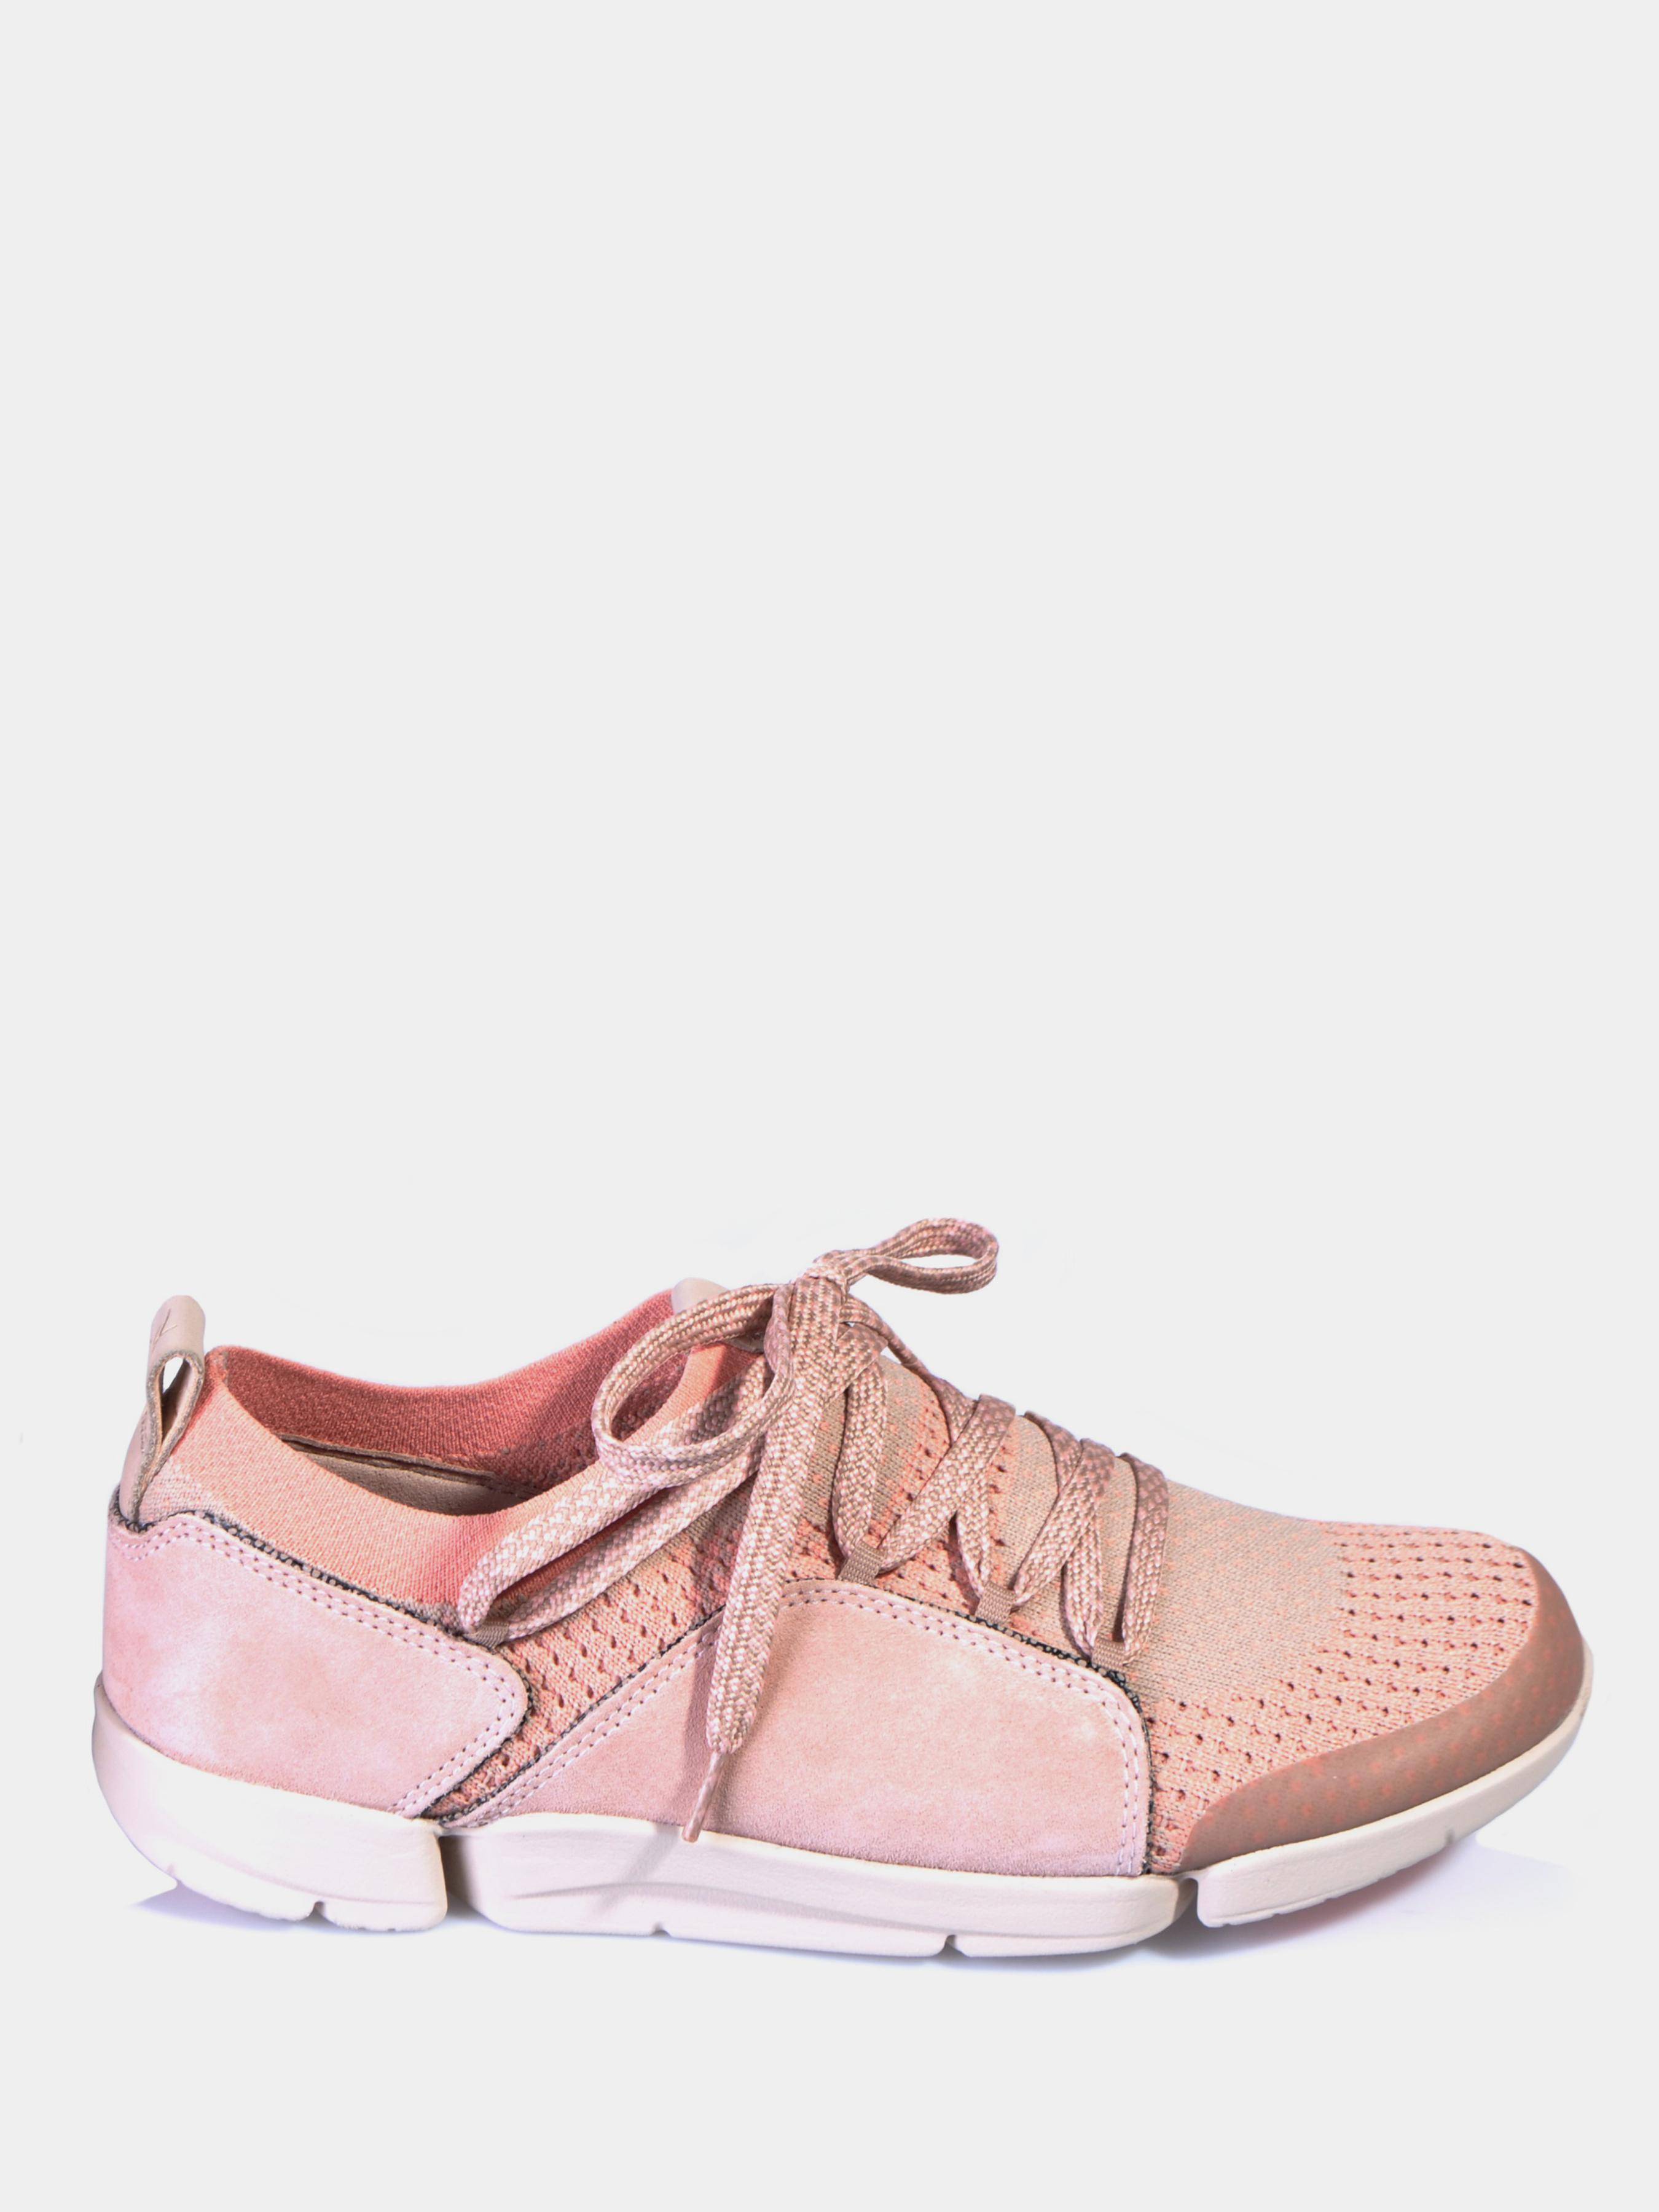 Купить Полуботинки женские Clarks Tri Amelia OW4314, Розовый